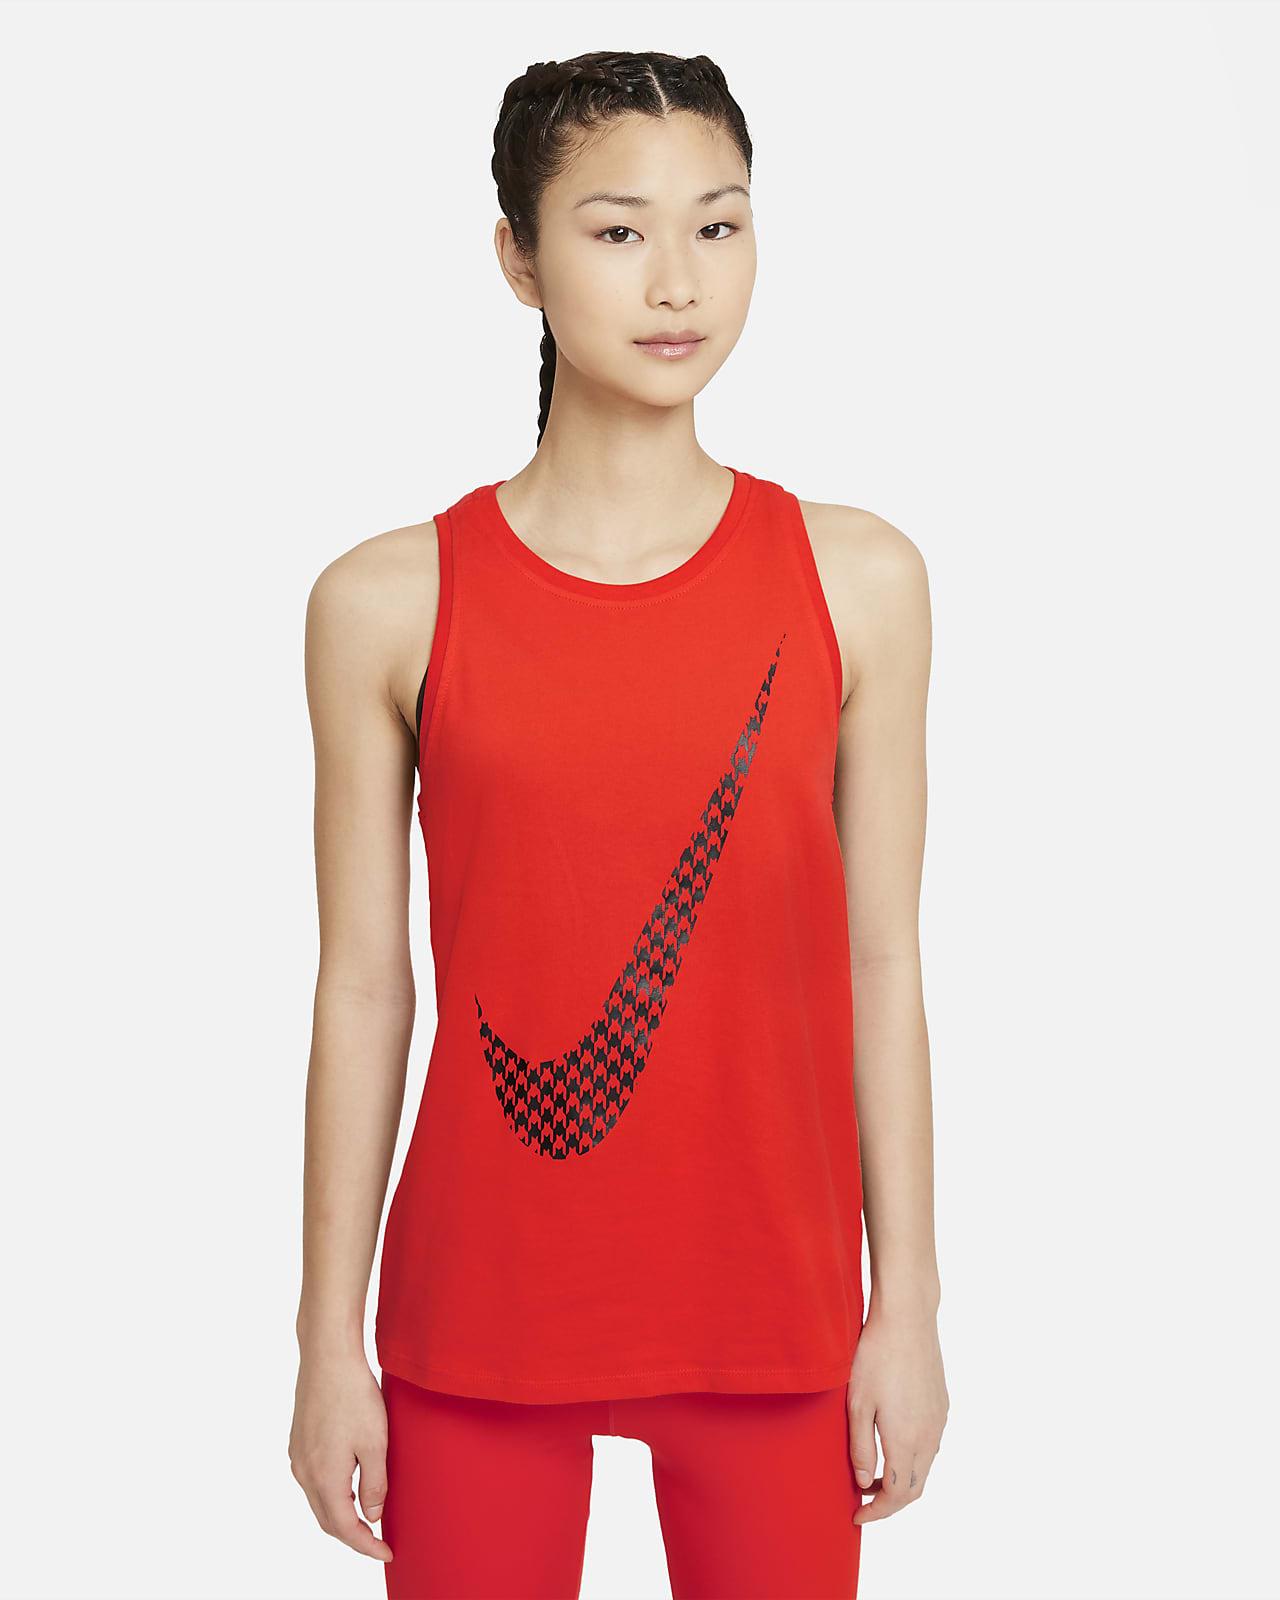 เสื้อกล้ามเทรนนิ่งผู้หญิงมีกราฟิก Nike Dri-FIT Icon Clash